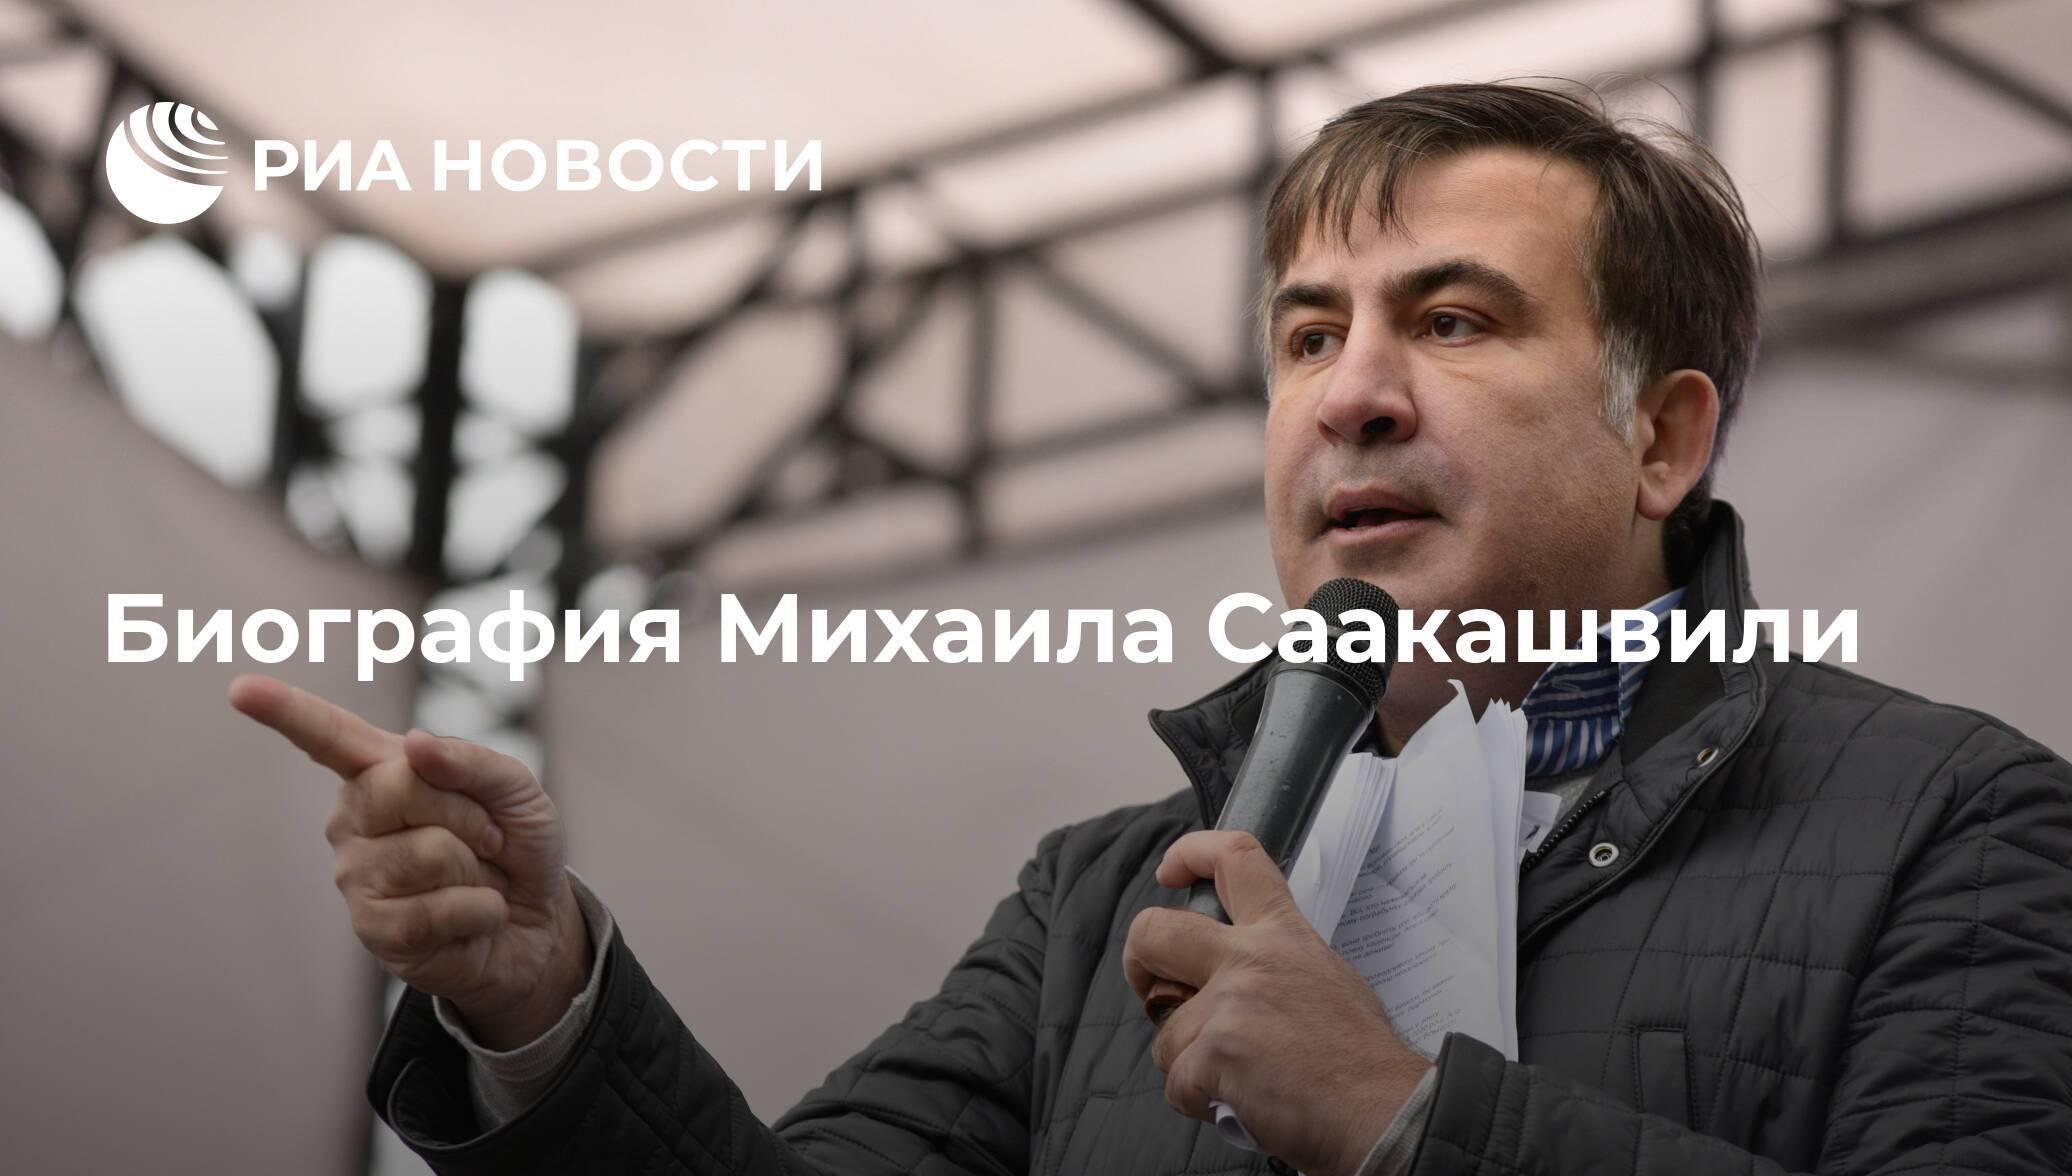 Где сейчас живет михаил саакашвили